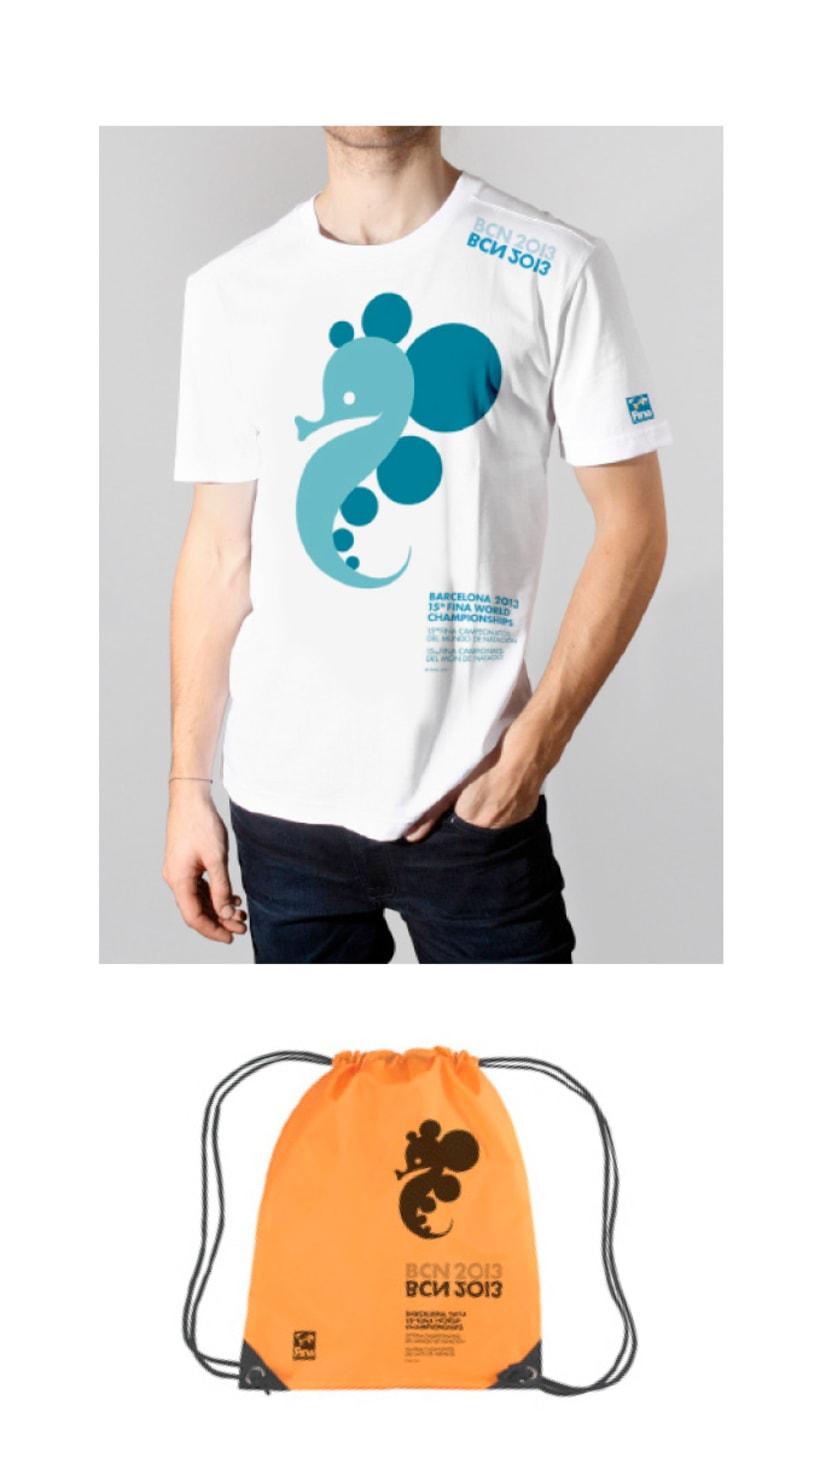 BCN2013 - Proposta Concurs Logo Mundials Natació 0